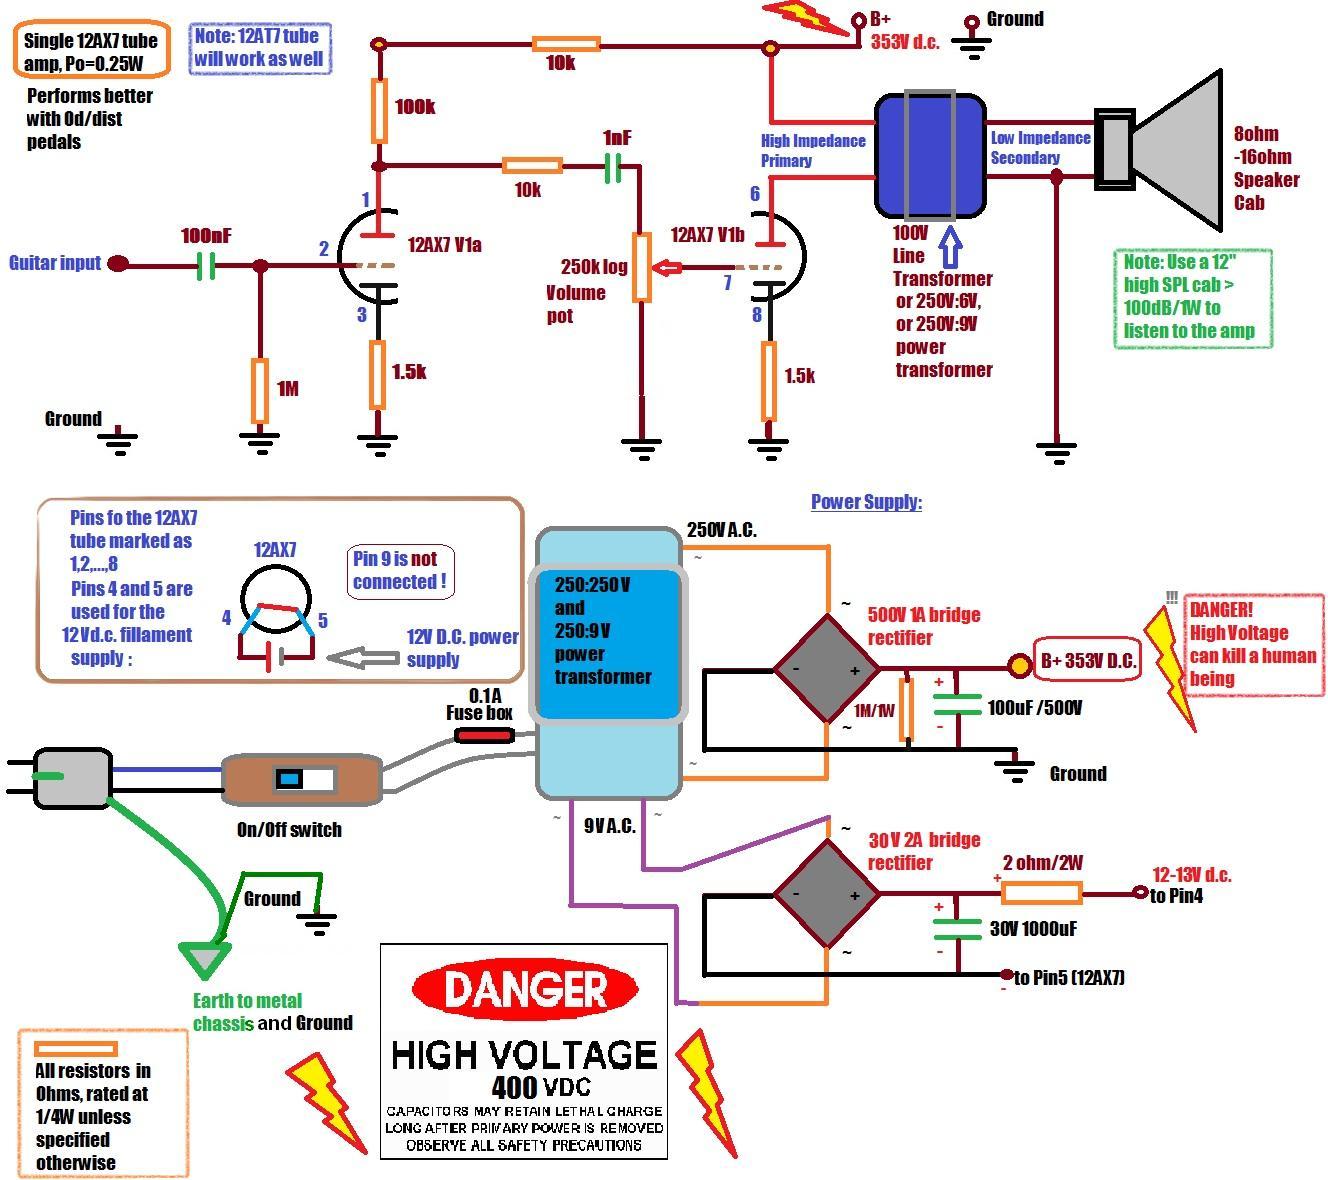 heil furnace nug5100bhb2 wiring diagram